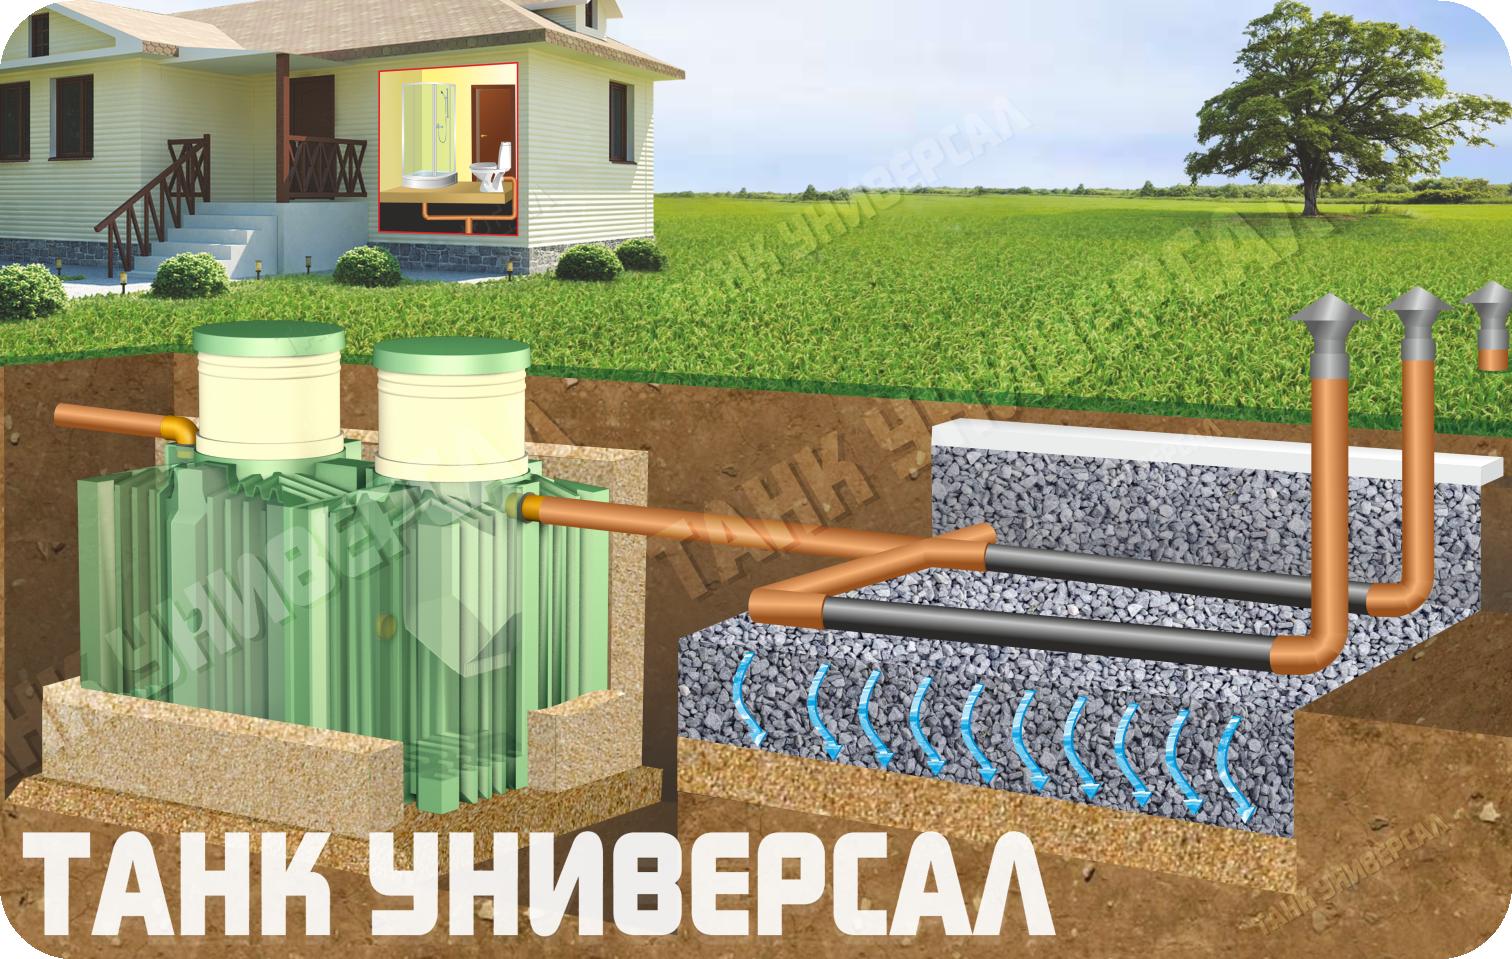 Септик танк - автономная канализация для дома, установка, монтаж, обслуживание